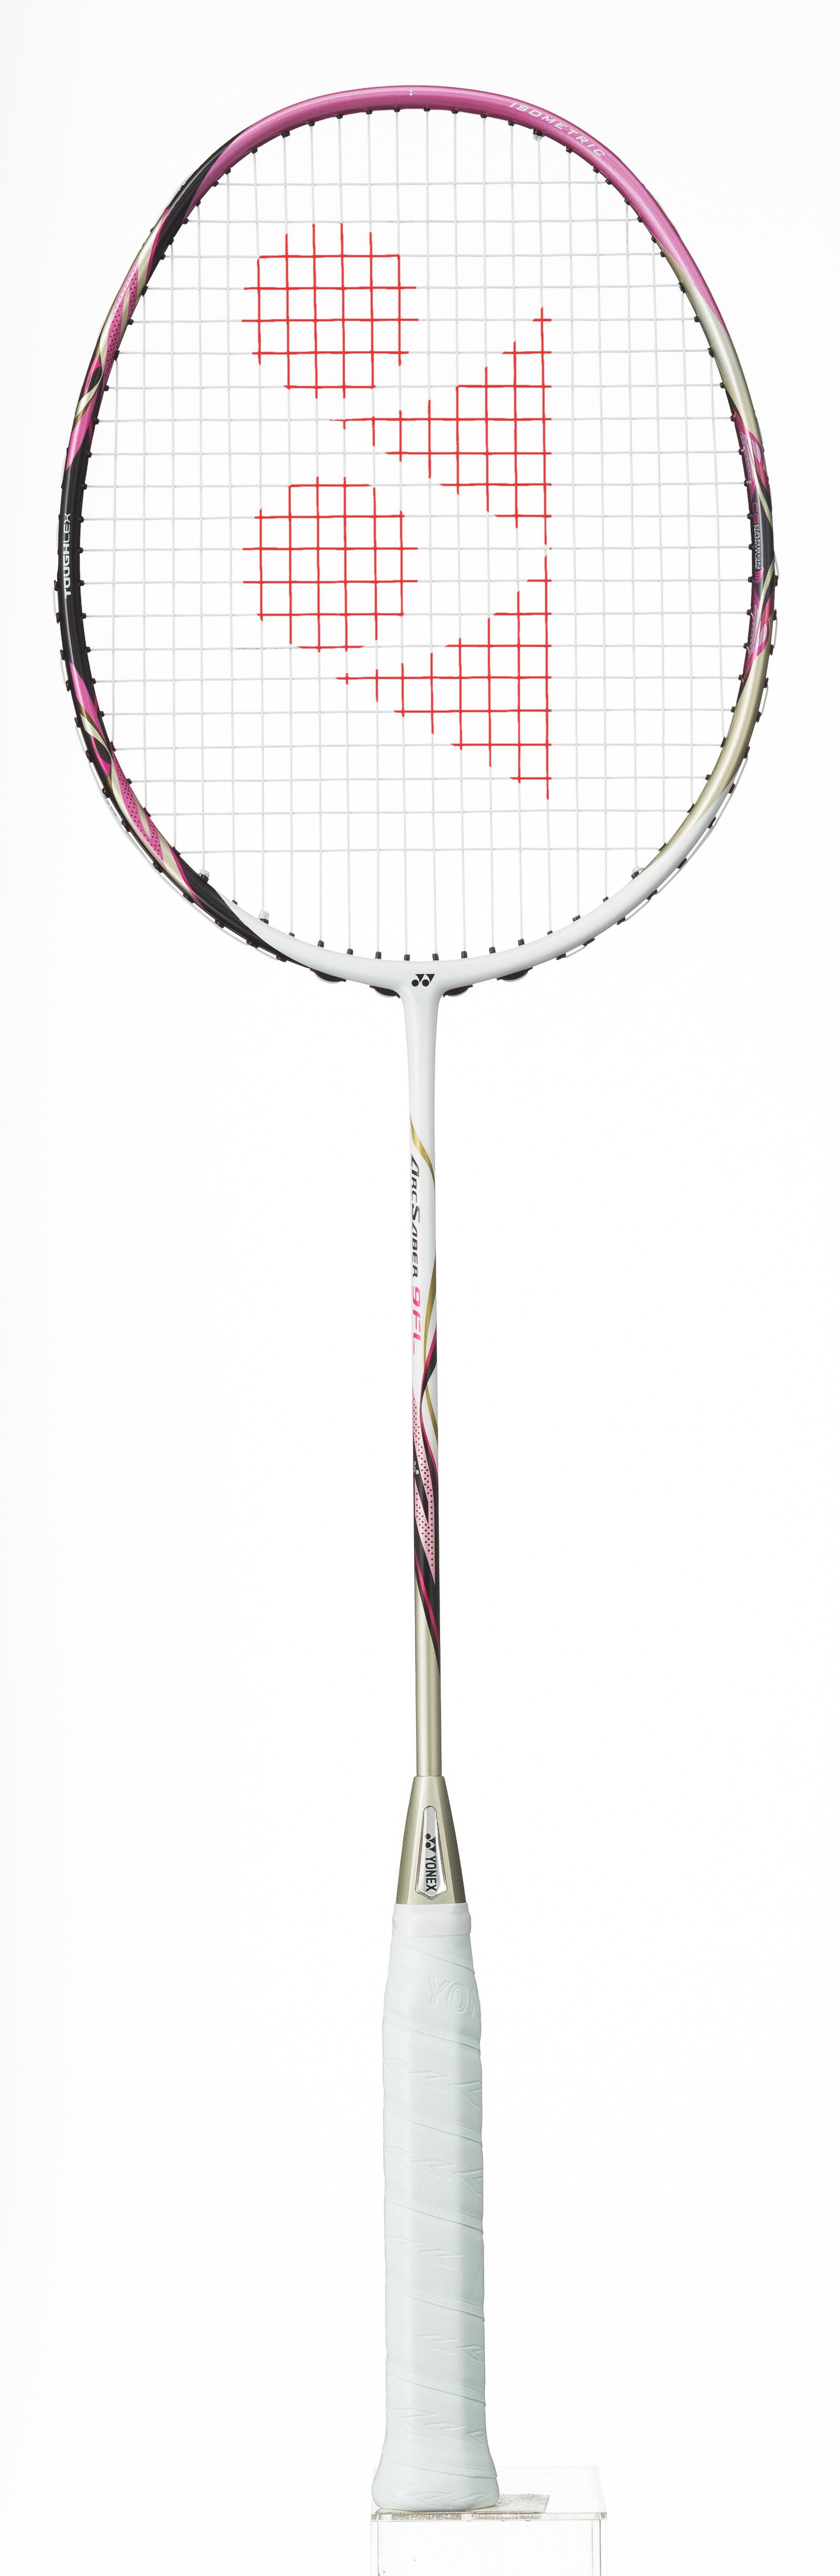 Yonex Arcsaber 9FL Badmintonracket